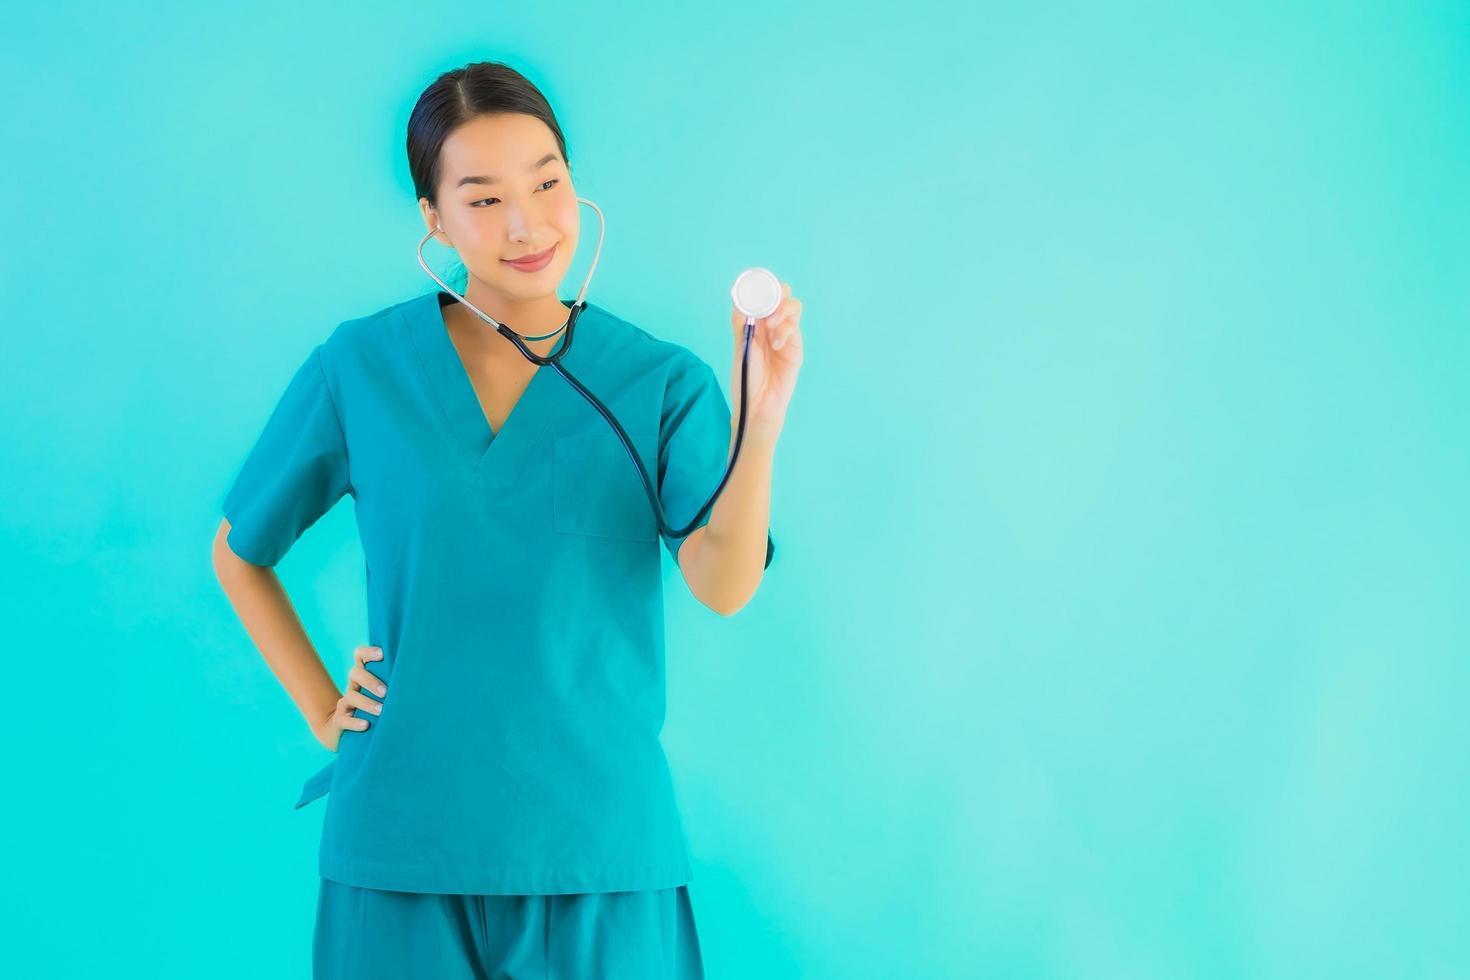 vrouw arts met een stethoscoop foto